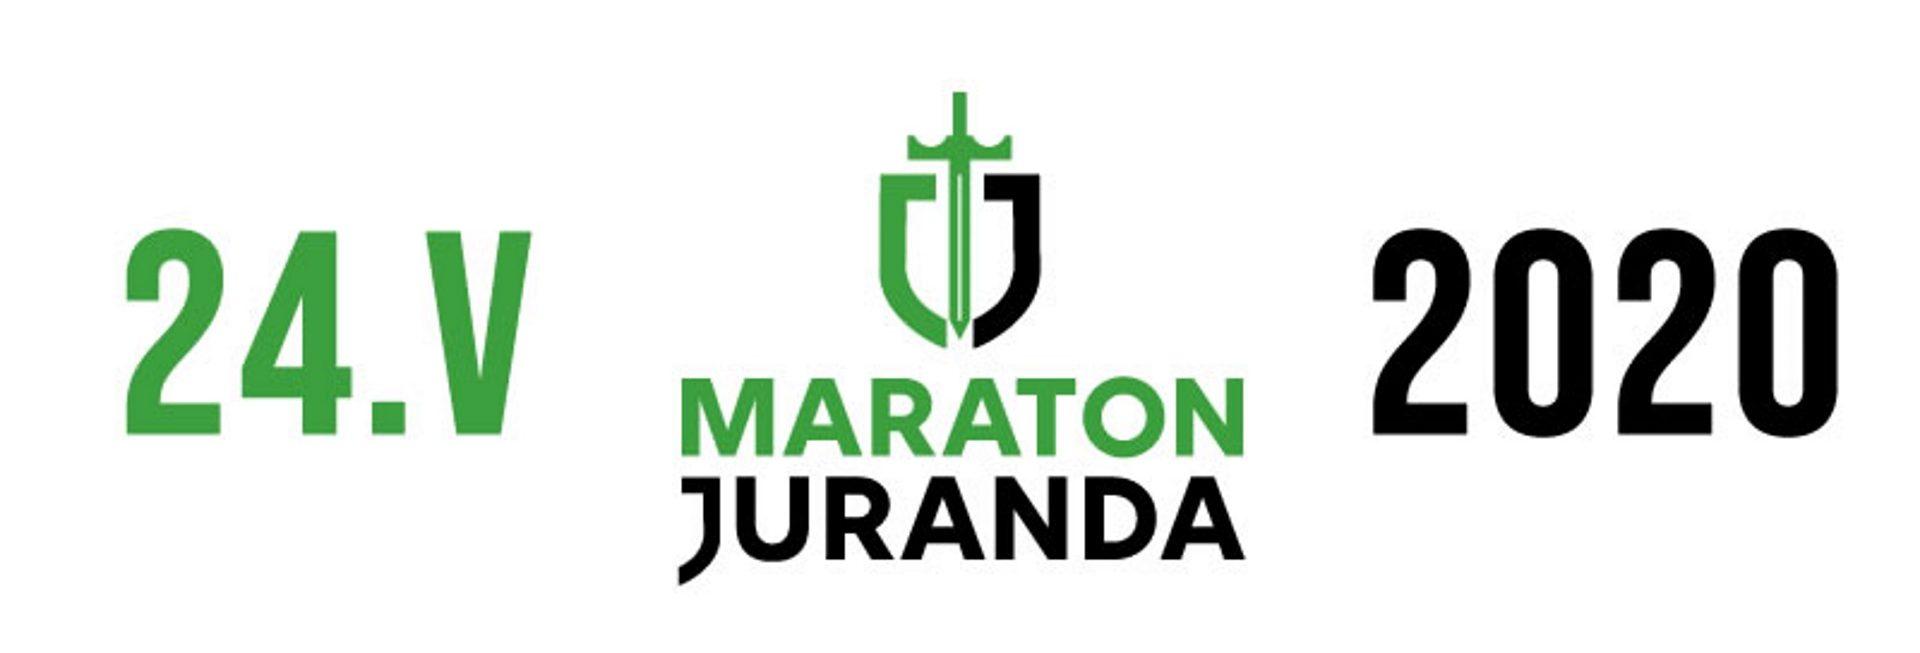 Plakat zapraszający do Szczytna na 31 edycję Maratonu Juranda. Plakat graficzny z logiem Maratonu i datą rozpoczęcia imprezy.